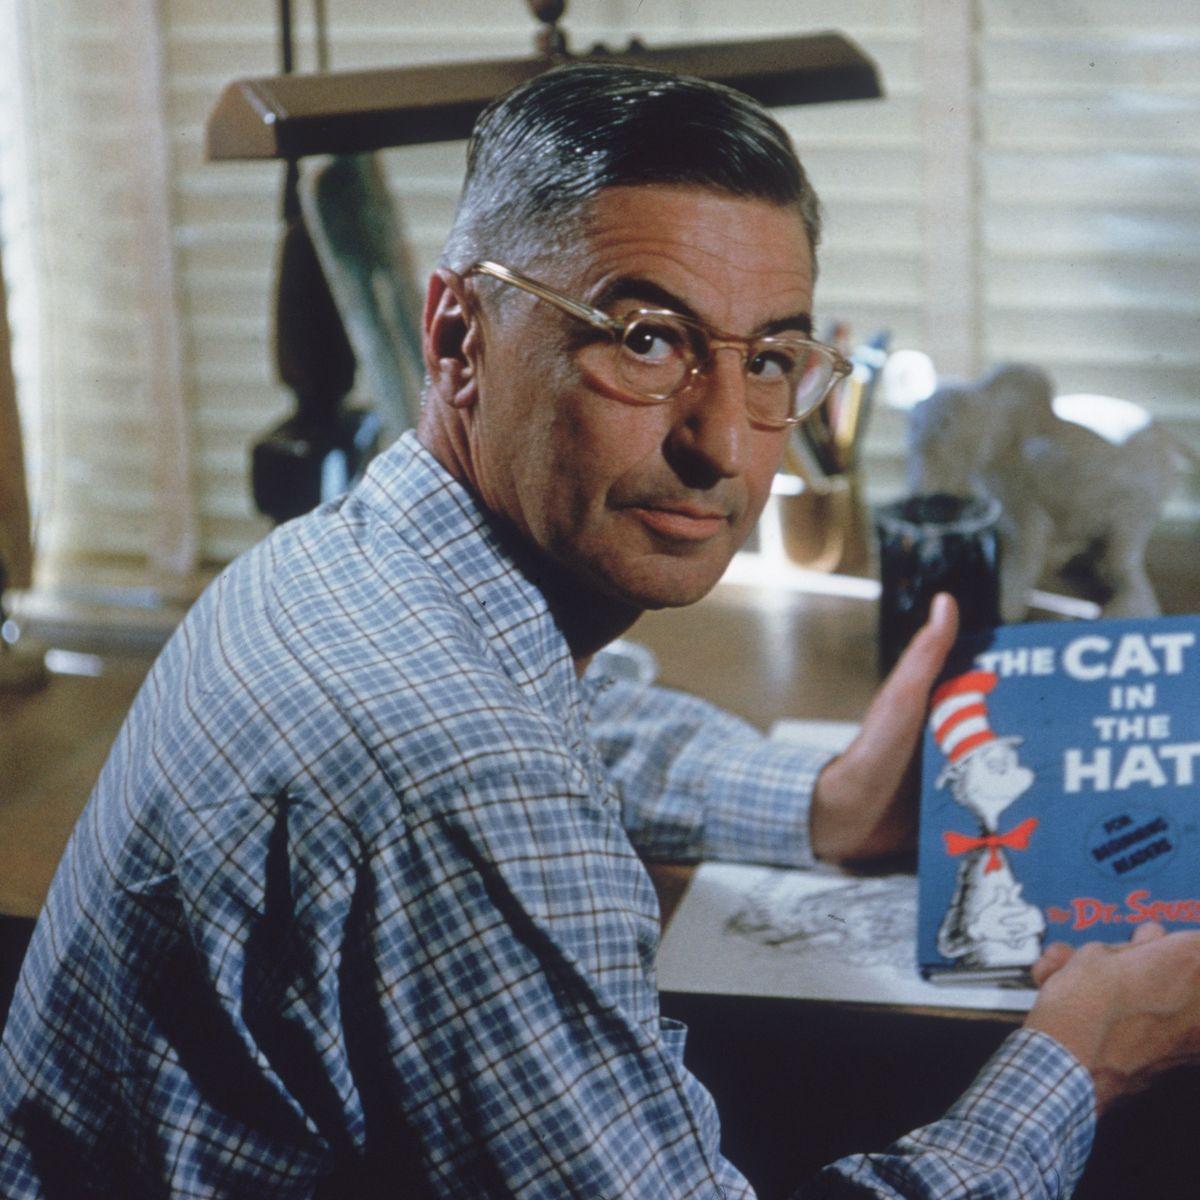 dr-seuss-cat-in-the-hat.jpg